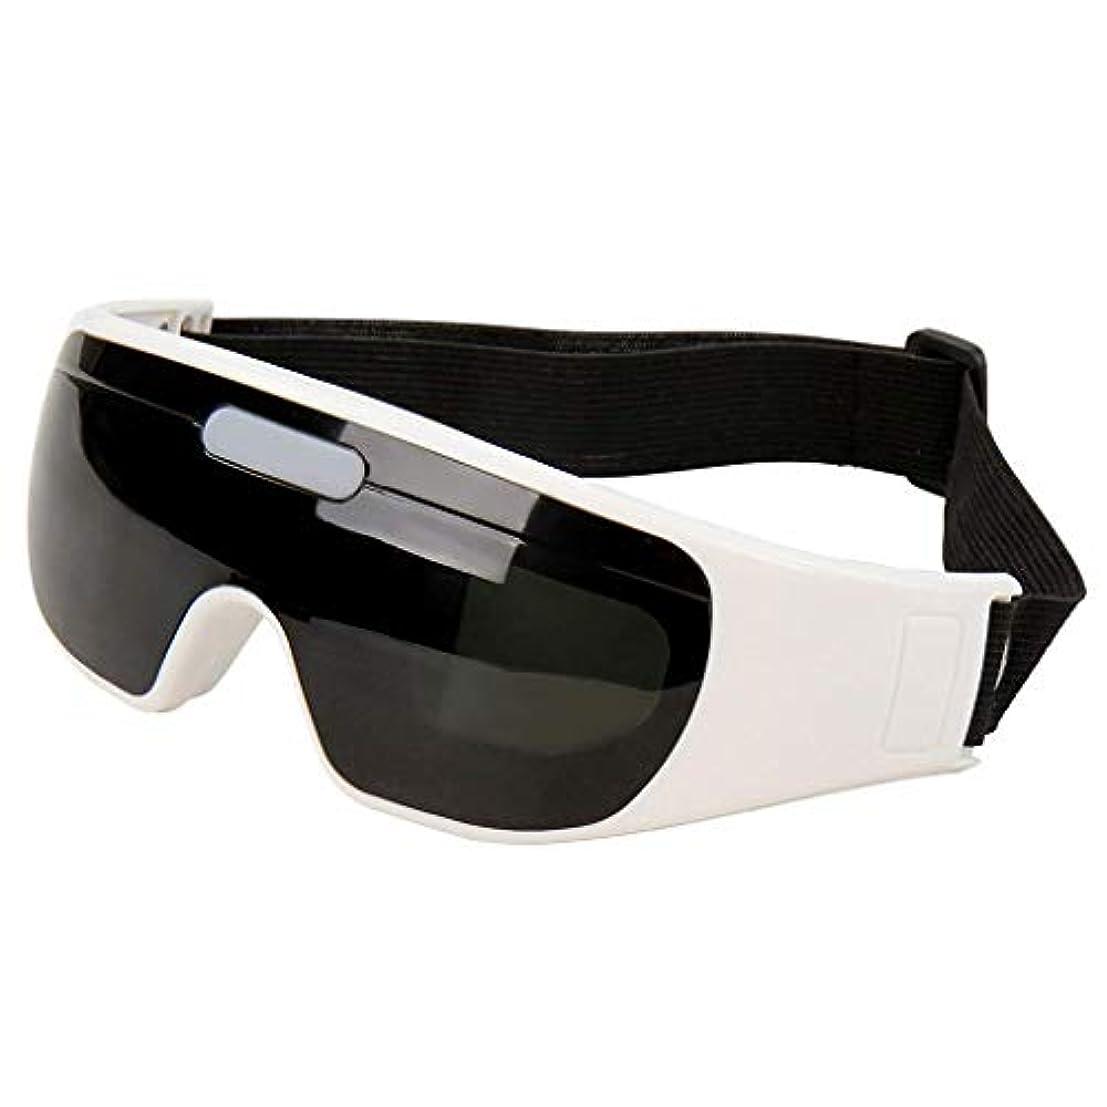 地平線安定トレーニングアイマッサージメガネ、24ソフトマッサージセンサーメガネ、磁気療法アイマッサージャー、9モード電動アイマッサージャー健康、リラクゼーション、鍼